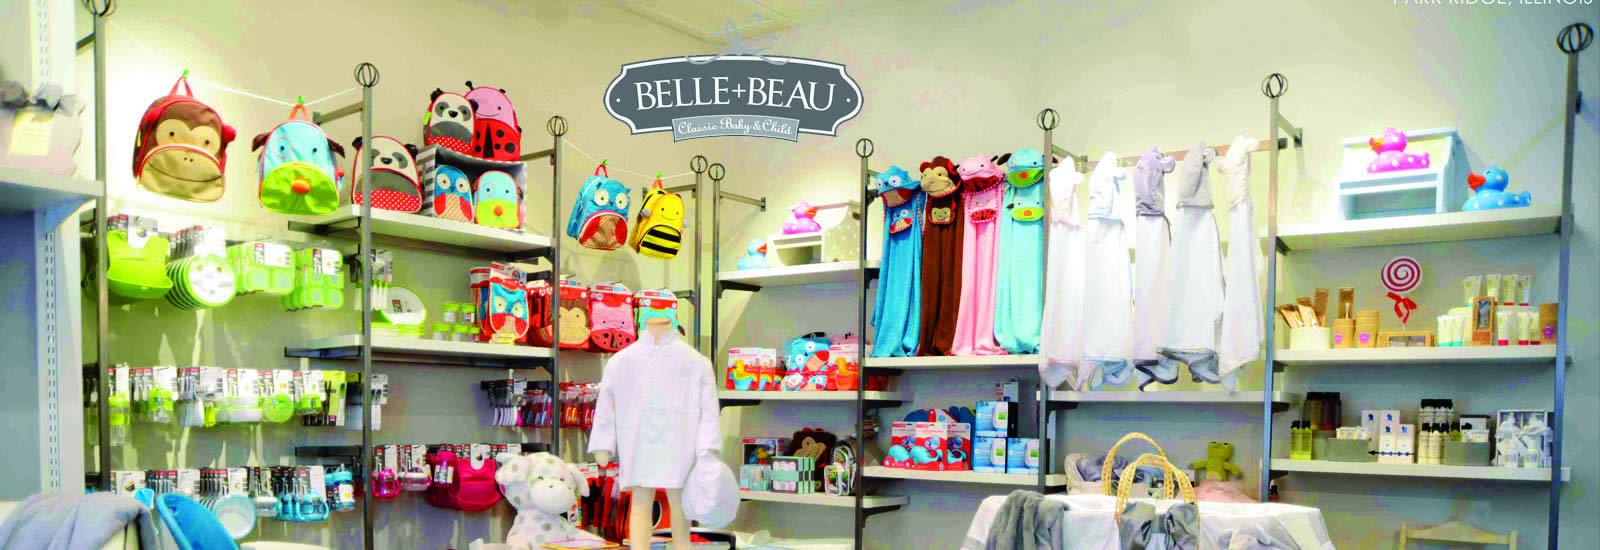 Belle Beau Baby